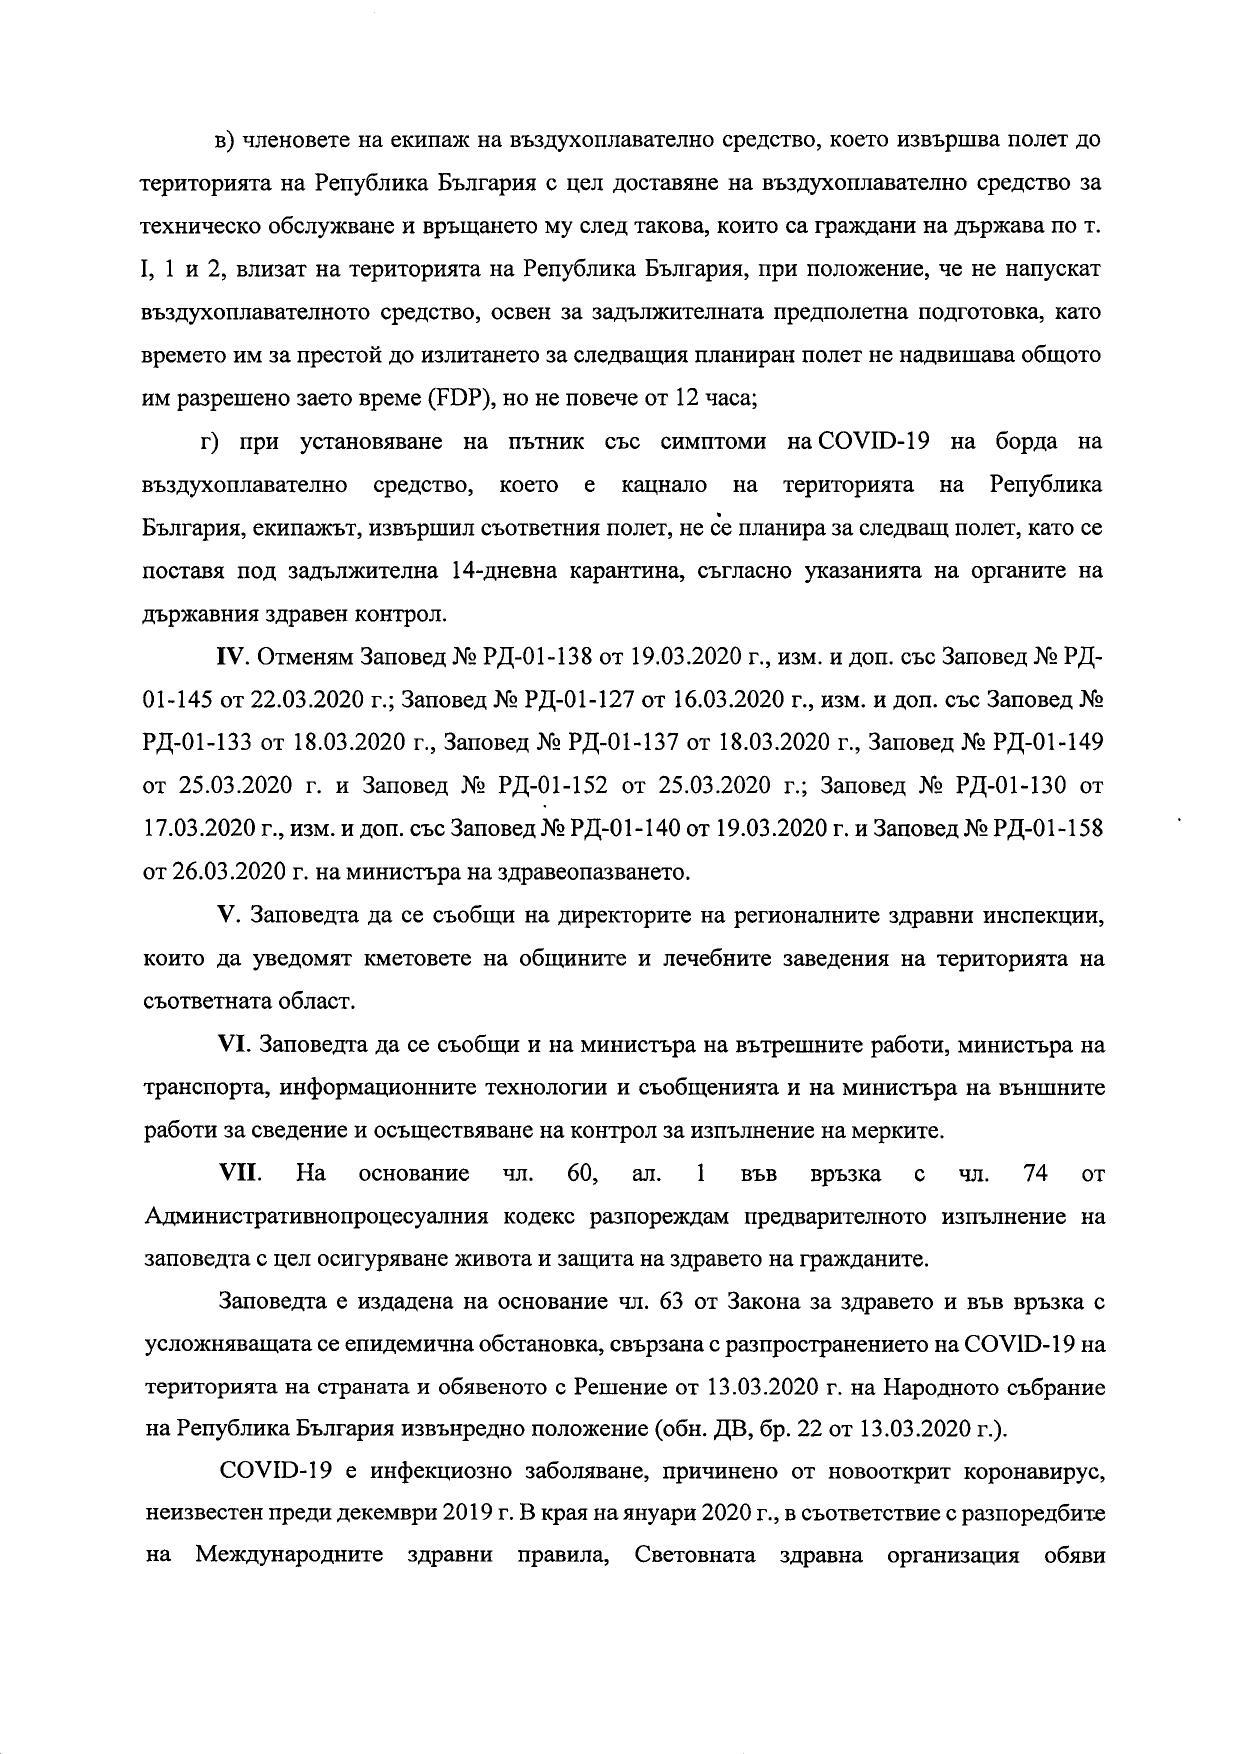 ананиев забрана 5